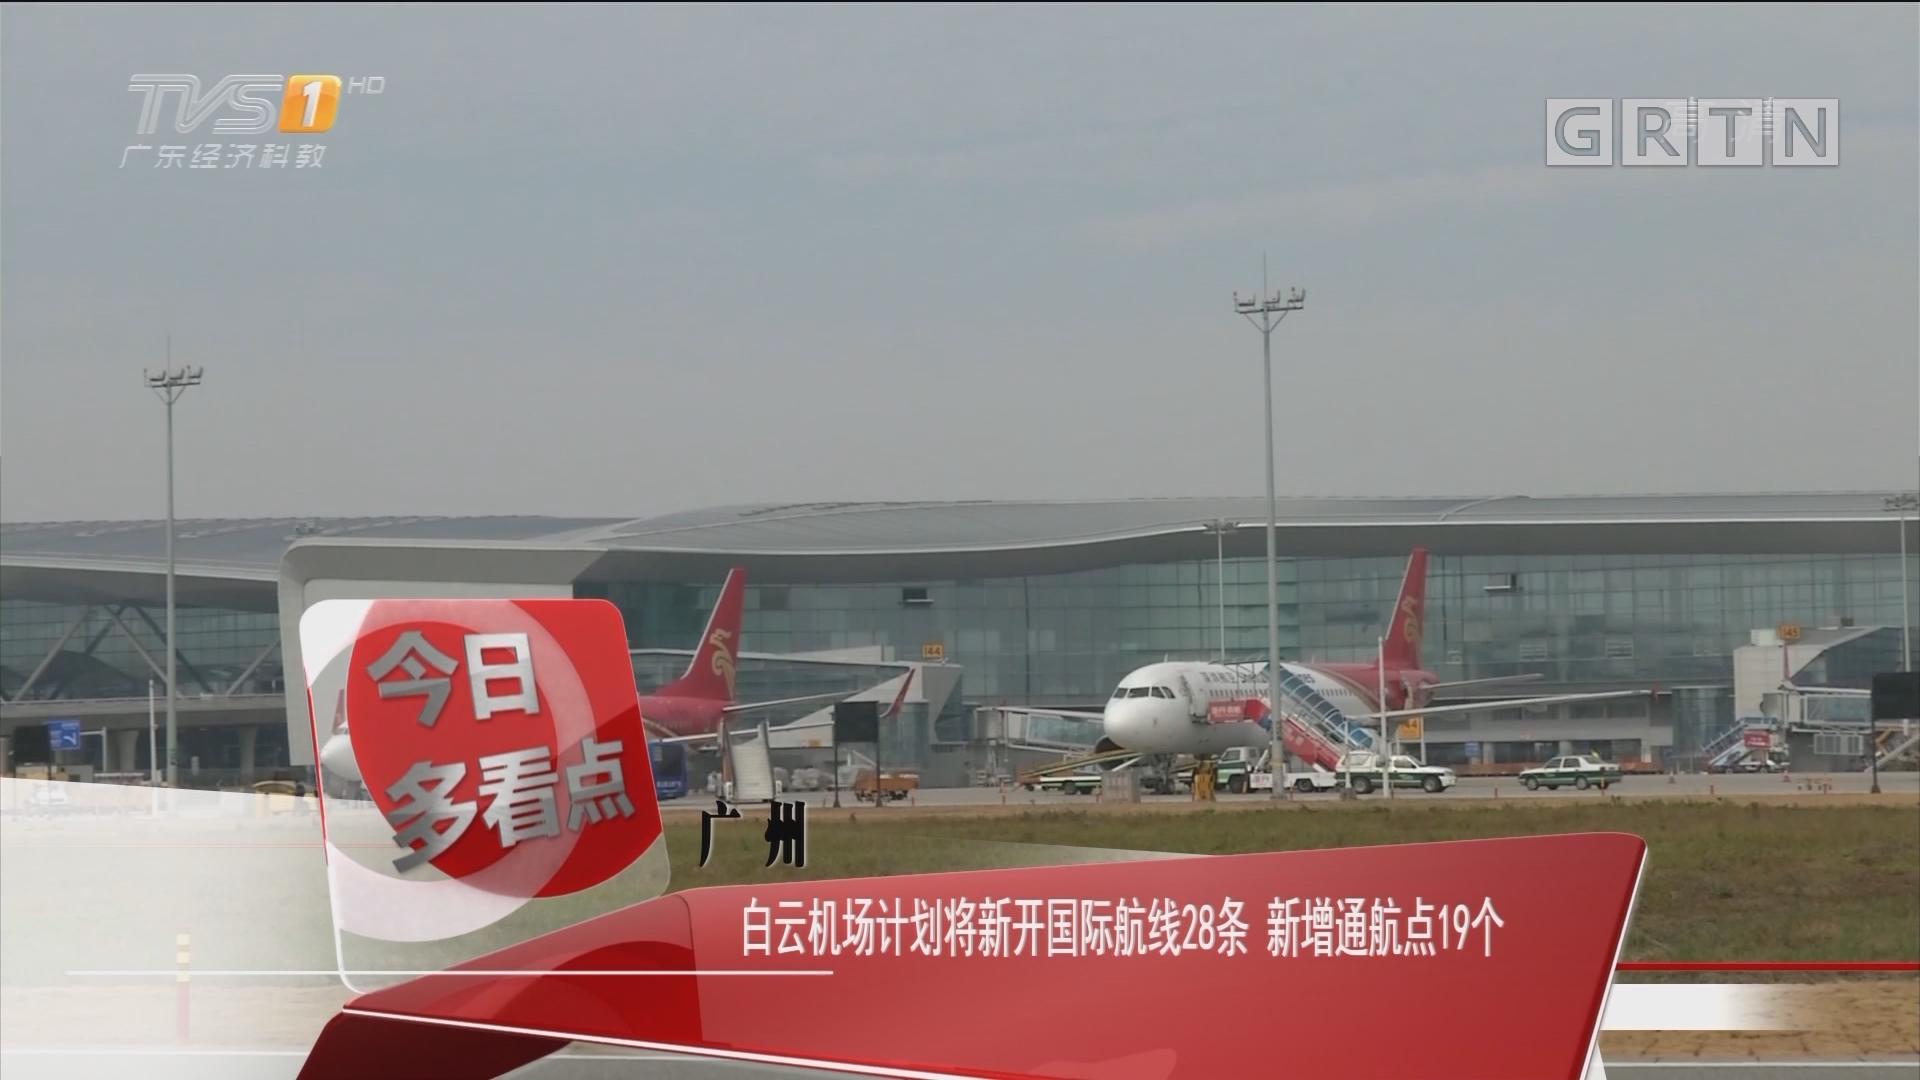 广州:白云机场计划将新开国际航线28条 新增通航点19个